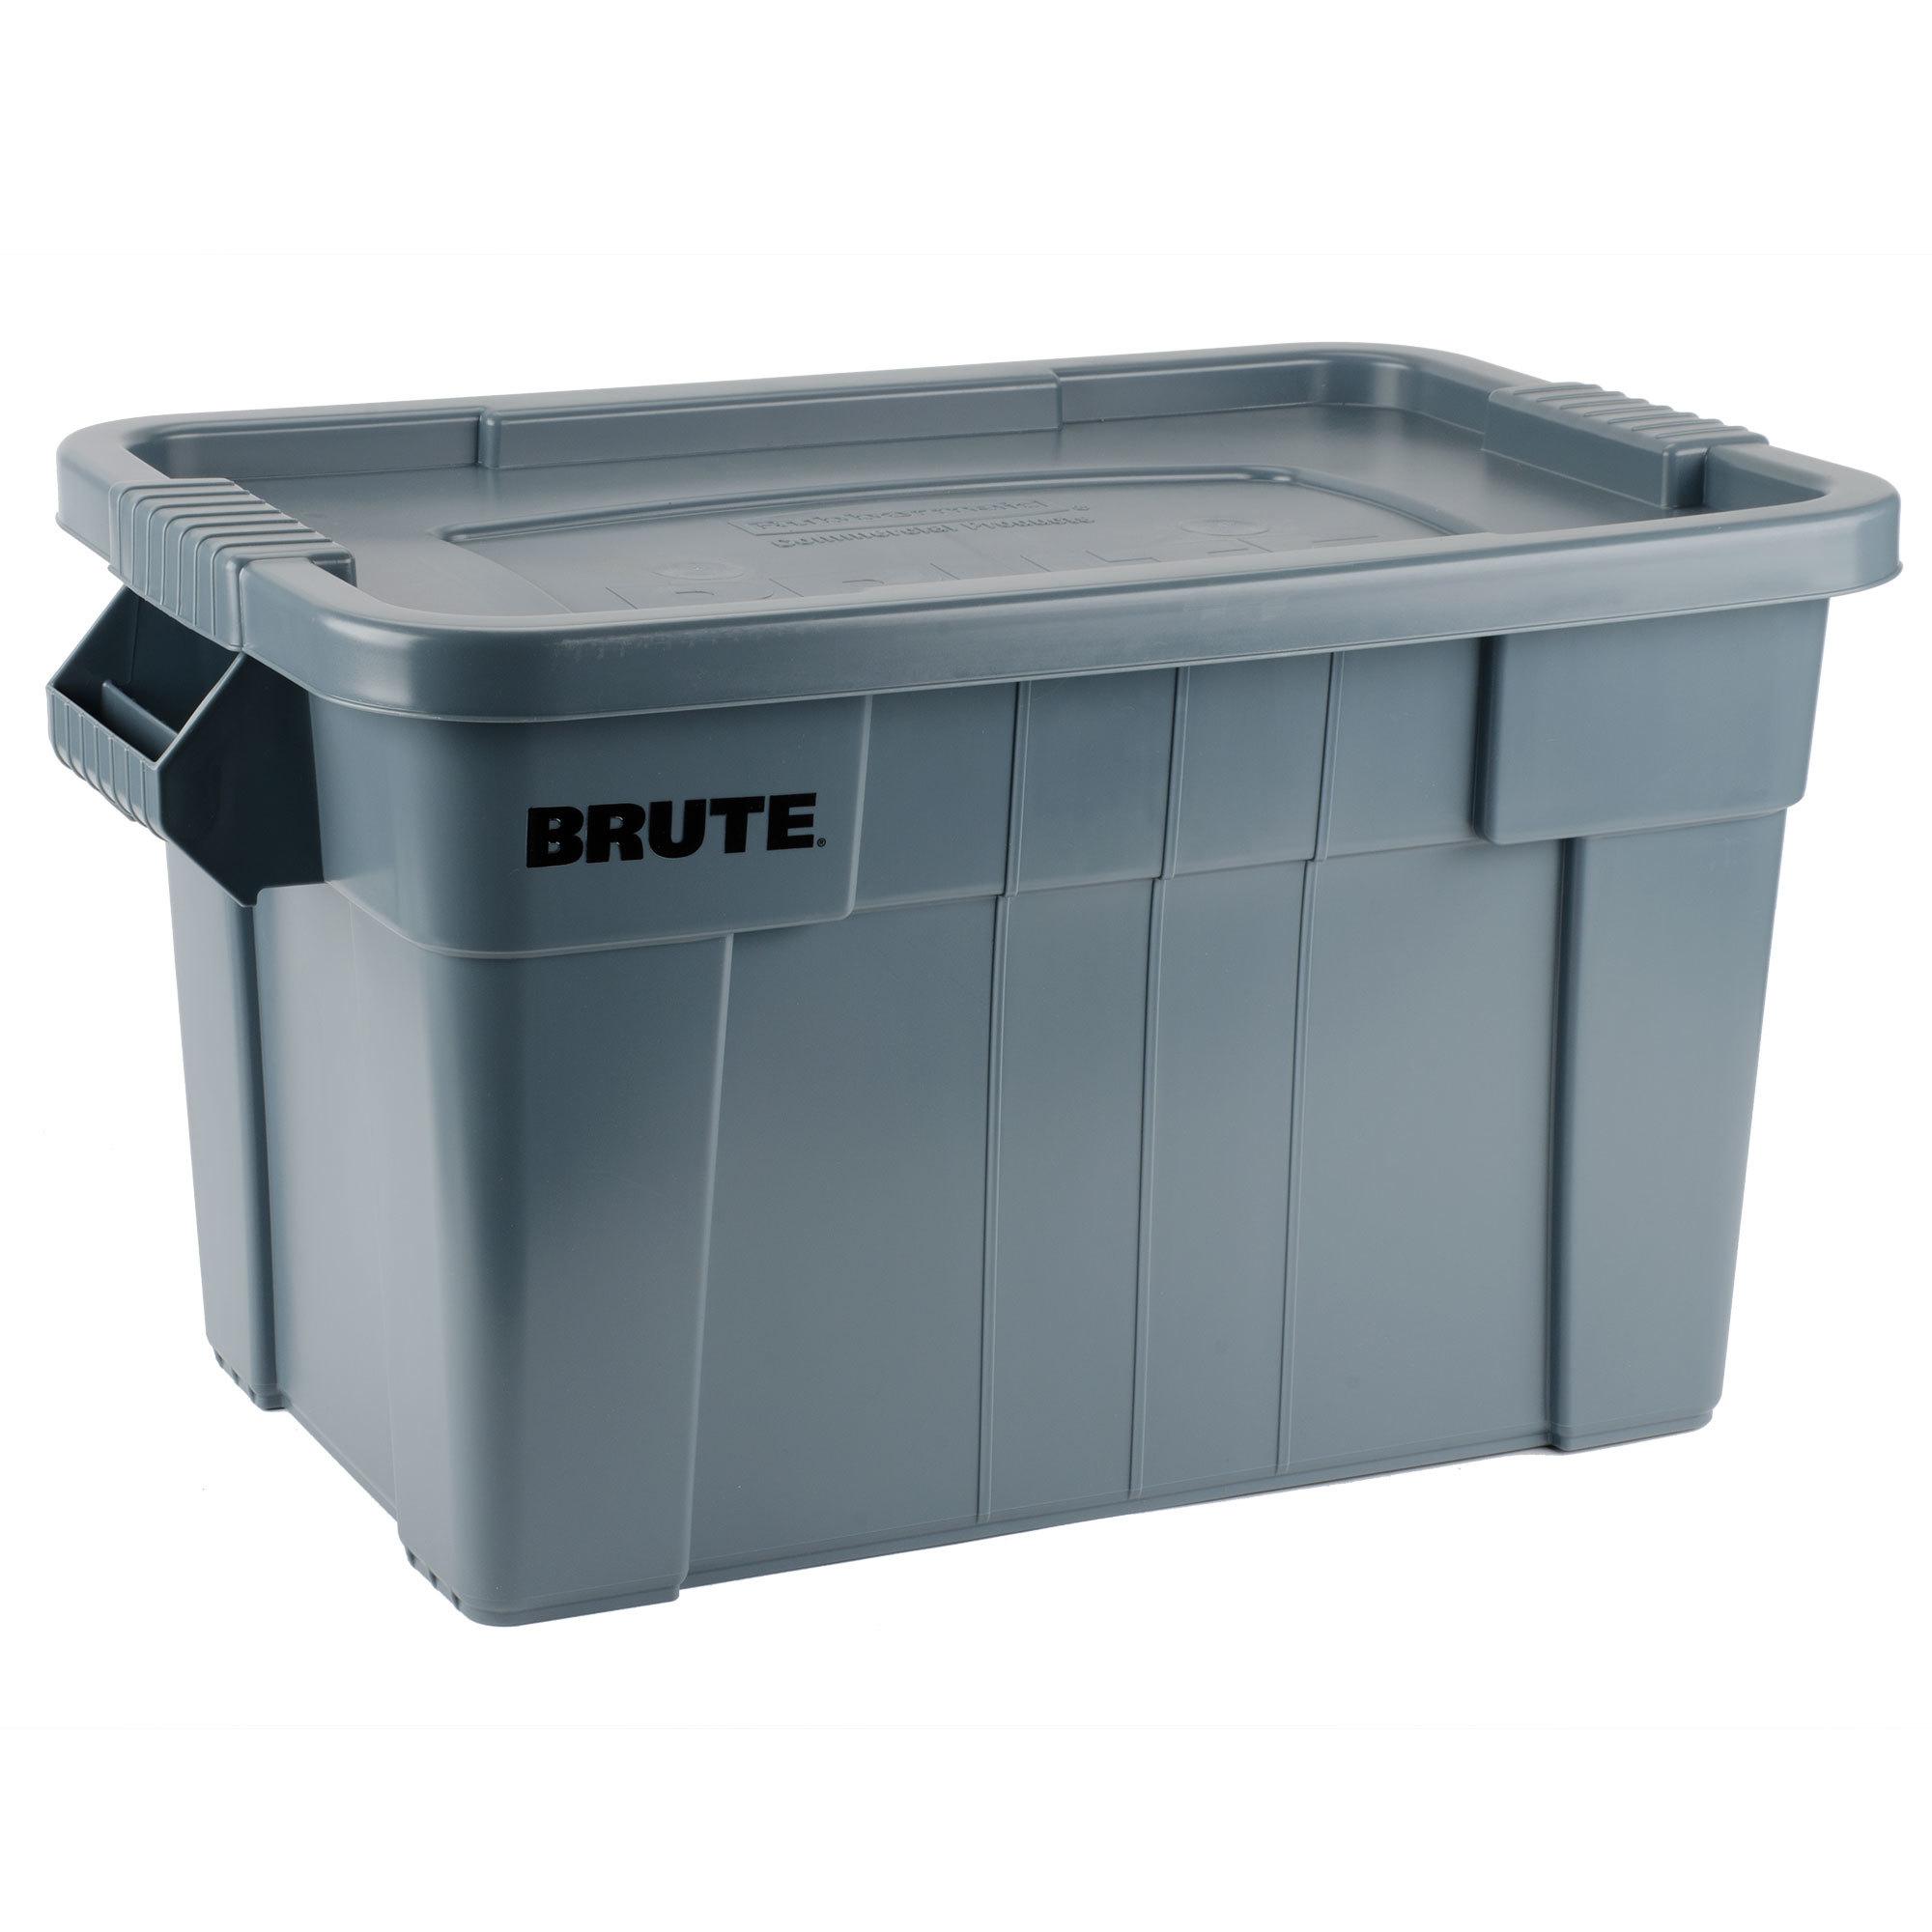 Caja BRUTE de 75 litros color Gris